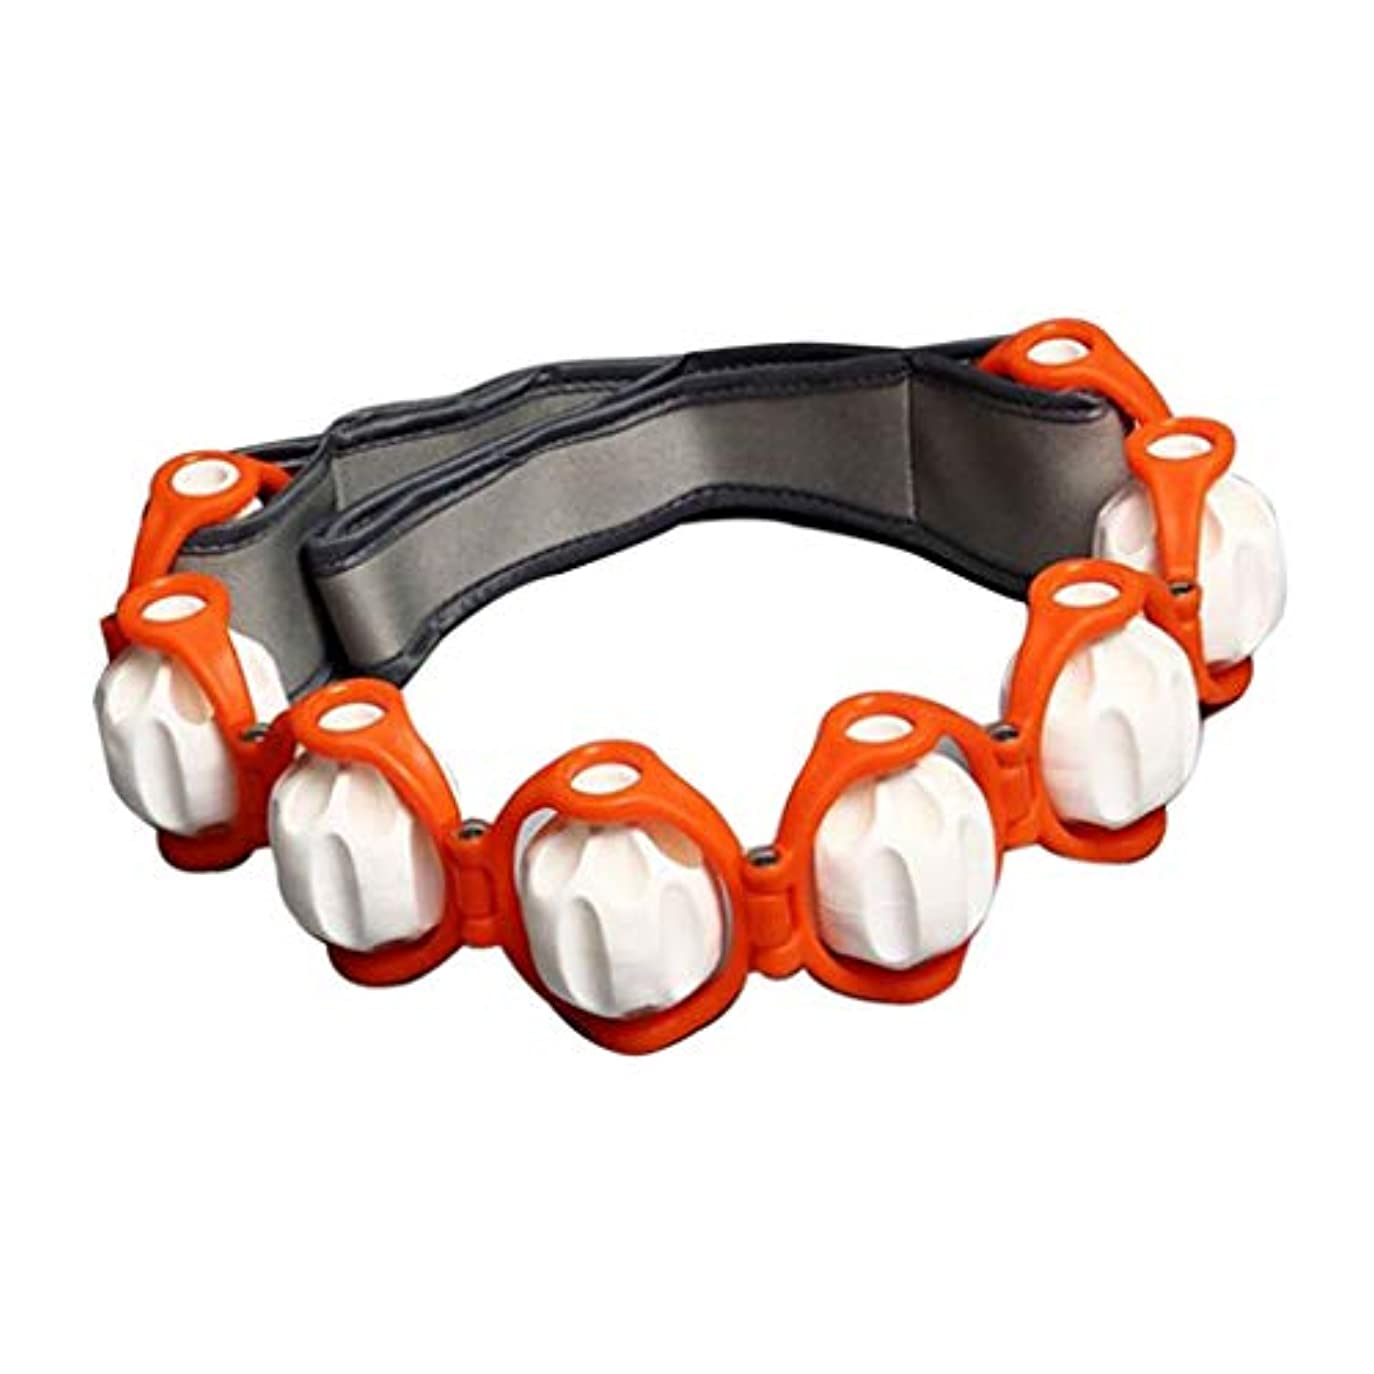 火山等々神のマッサージローラー ロープ付き ツボ押し ボディマッサージ 筋肉マッサージ 4色選べ - オレンジ